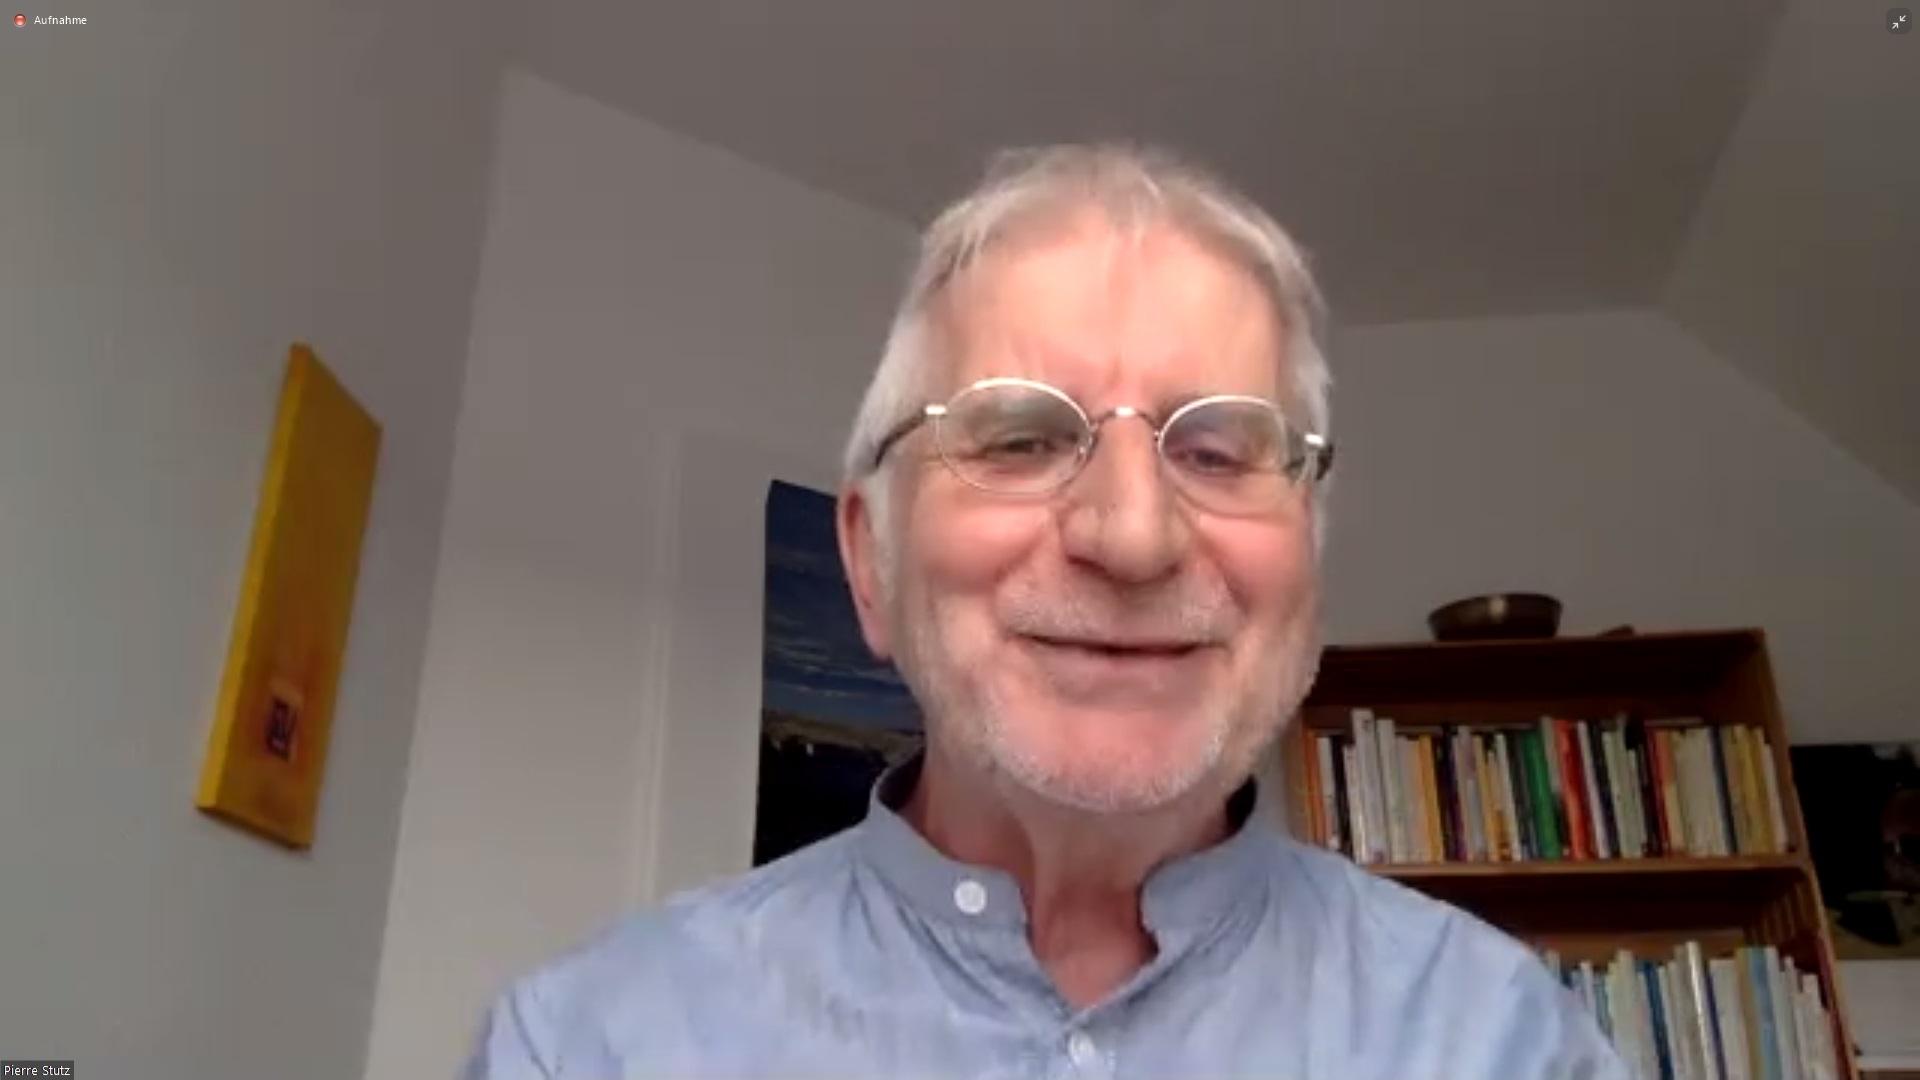 Der Theologe und Buchautor Pierre Stutz in einem Video-Vortrag.